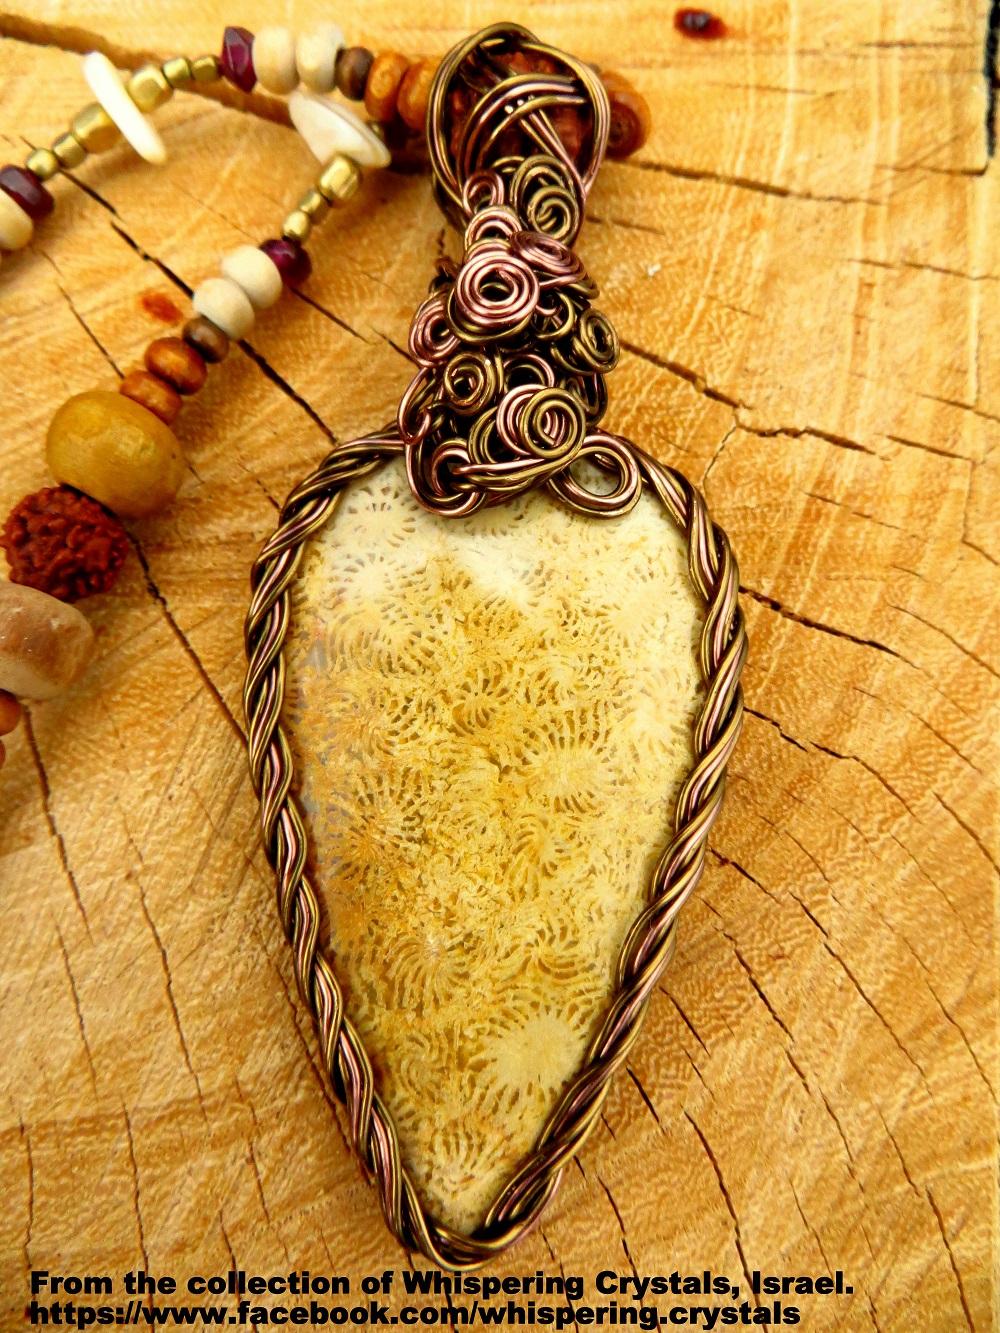 קורל מאובנת בשילוב עם אגת. משובצת בנחושת. מהאוסף של 'וויספרינג קריסטלס' www.facebook.com/whispering.crystals